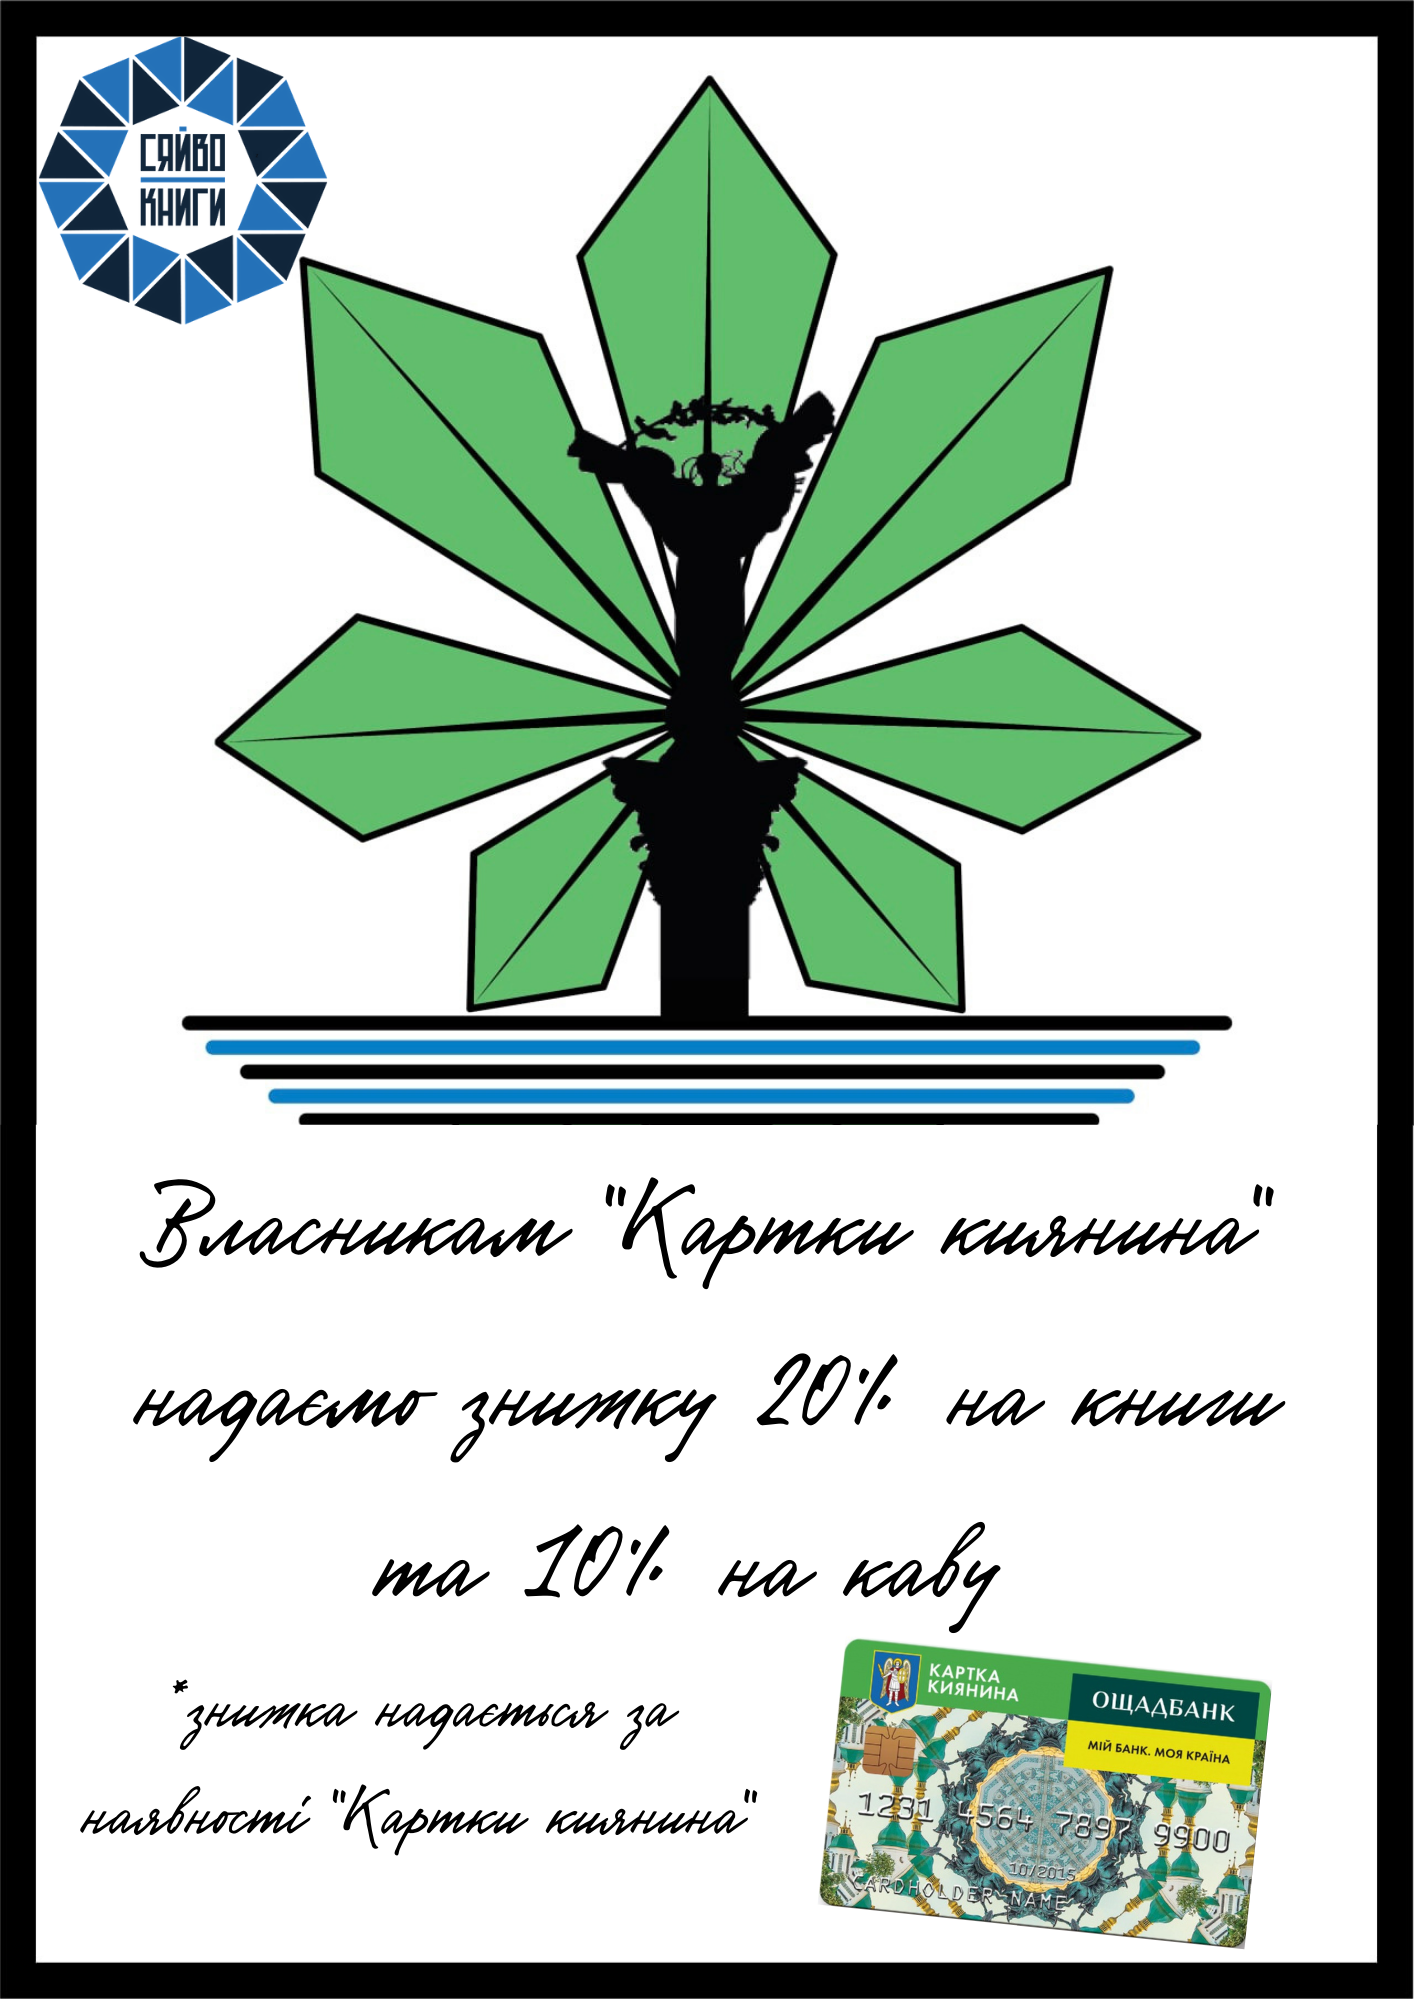 """Владельцы """"карточки киевлянина"""" получат скидки на книги."""